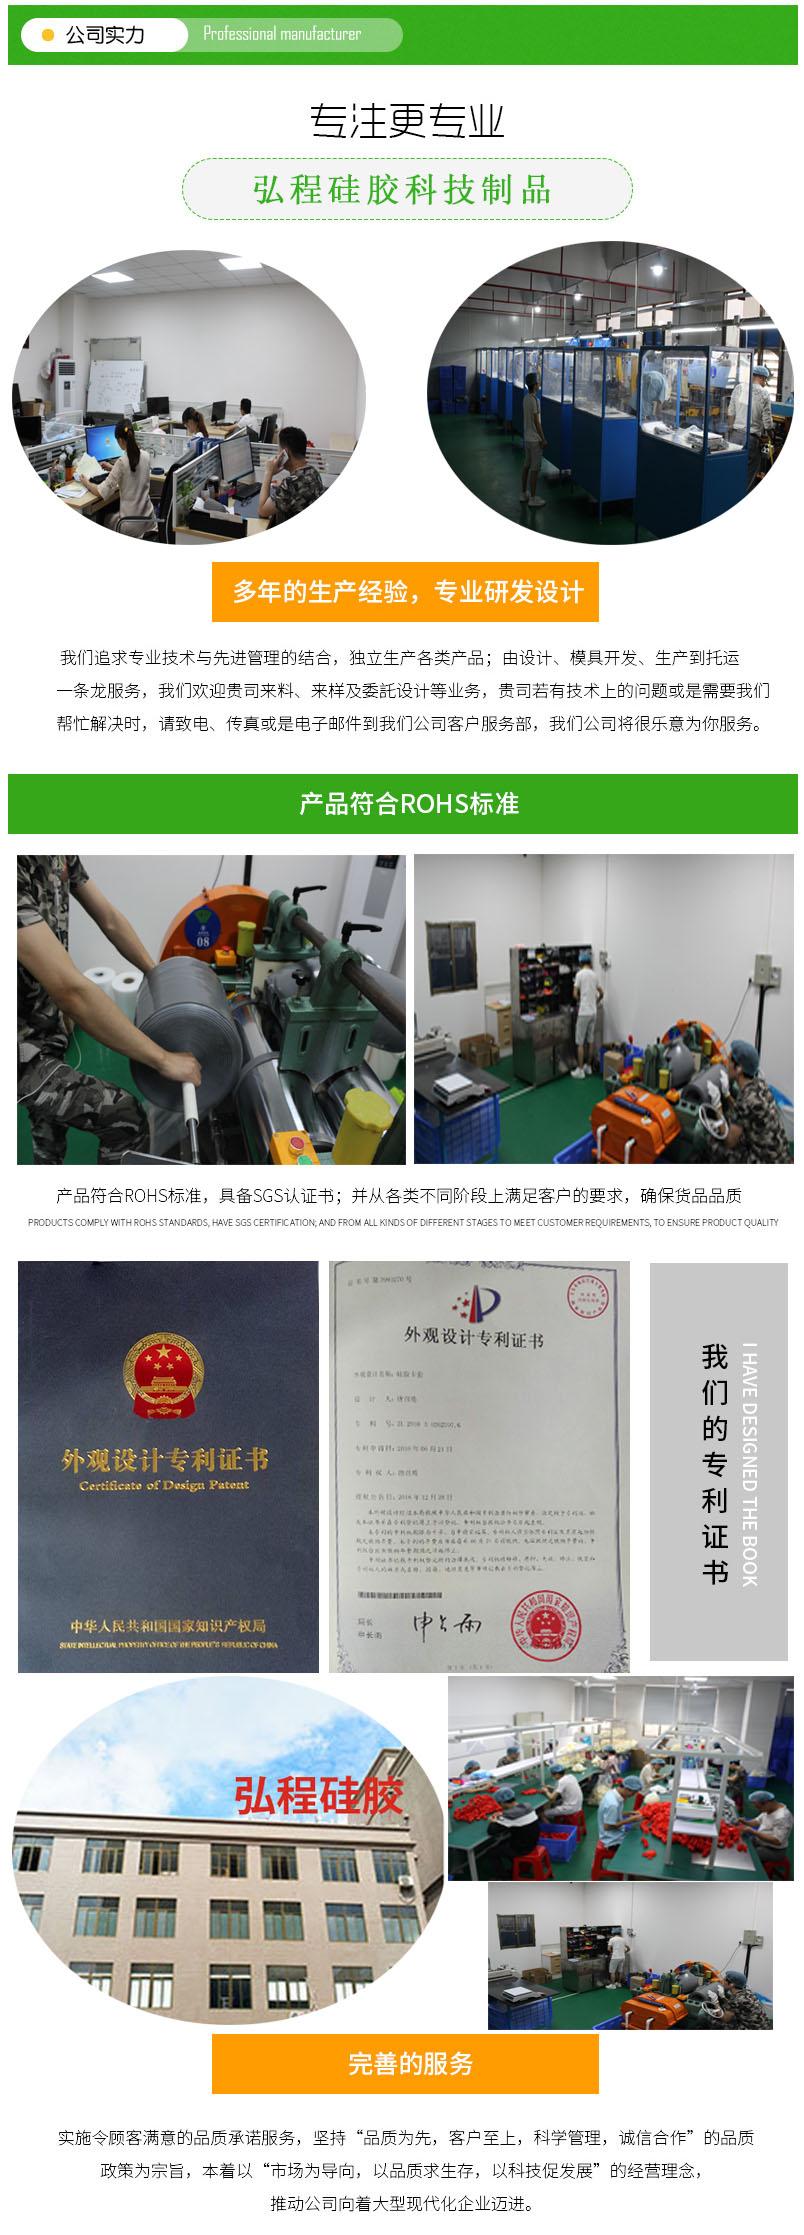 工厂图.jpg